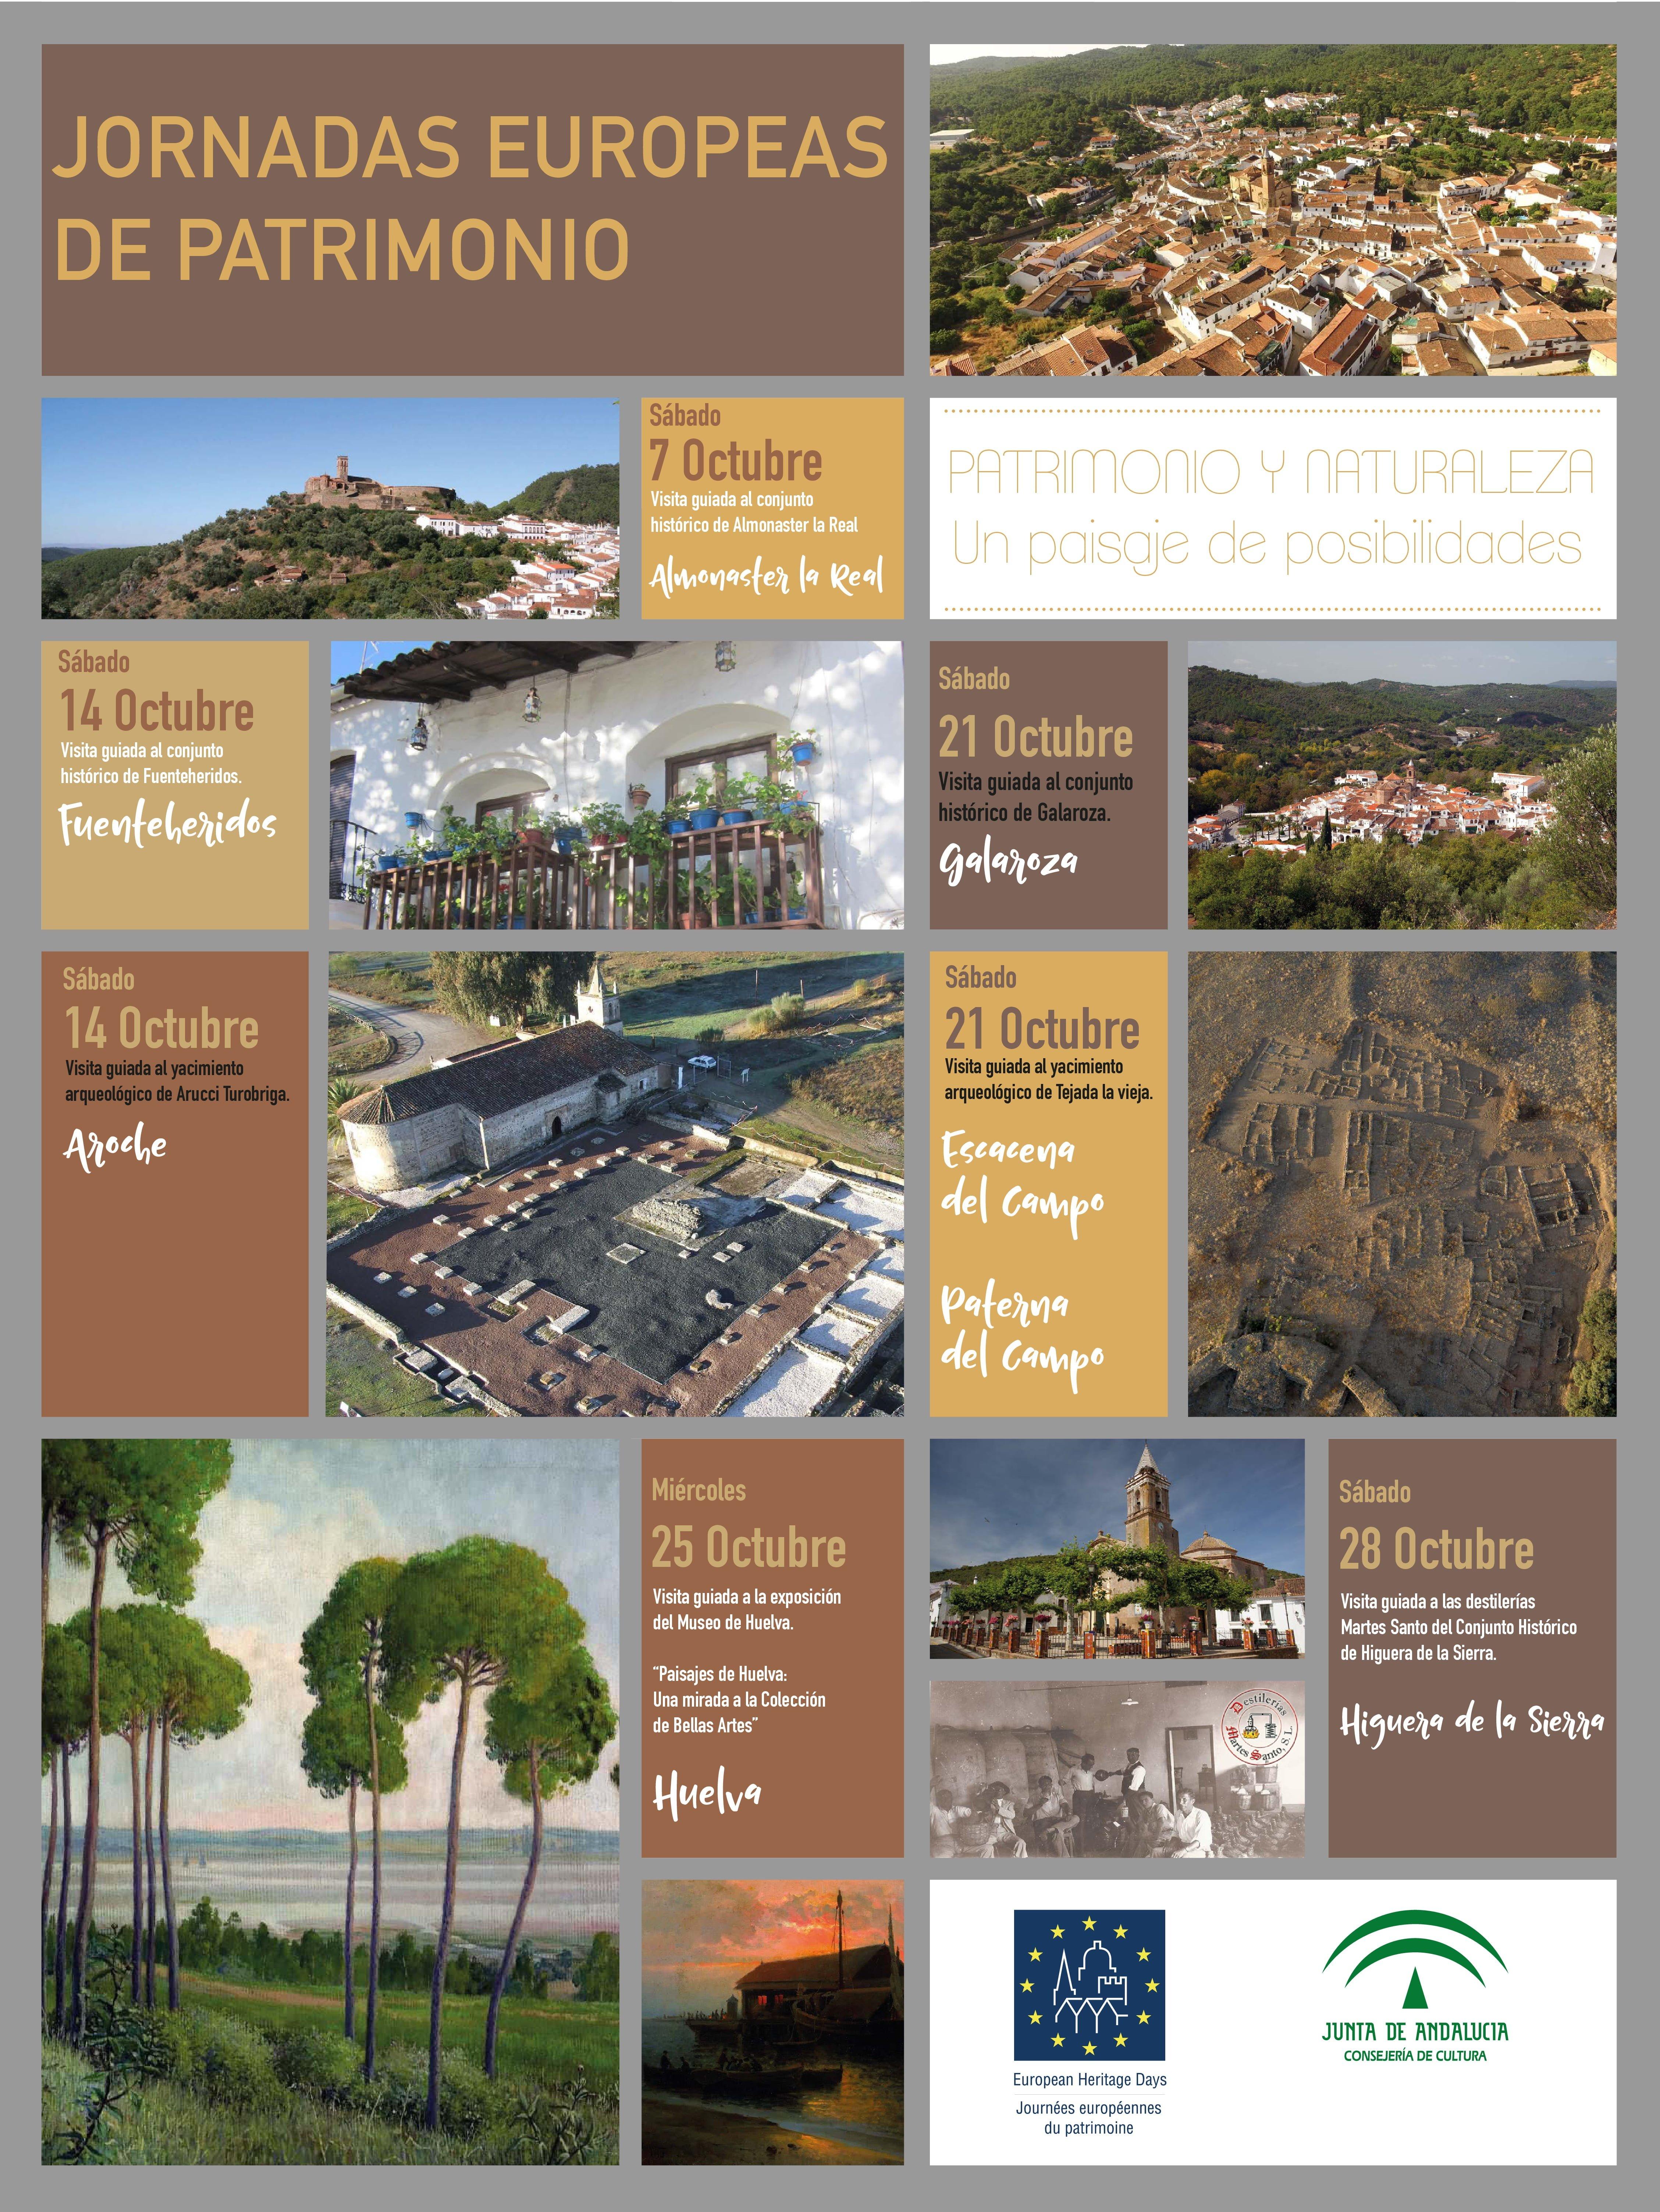 Cartel anunciador de las Jornadas Europeas de Patrimonio